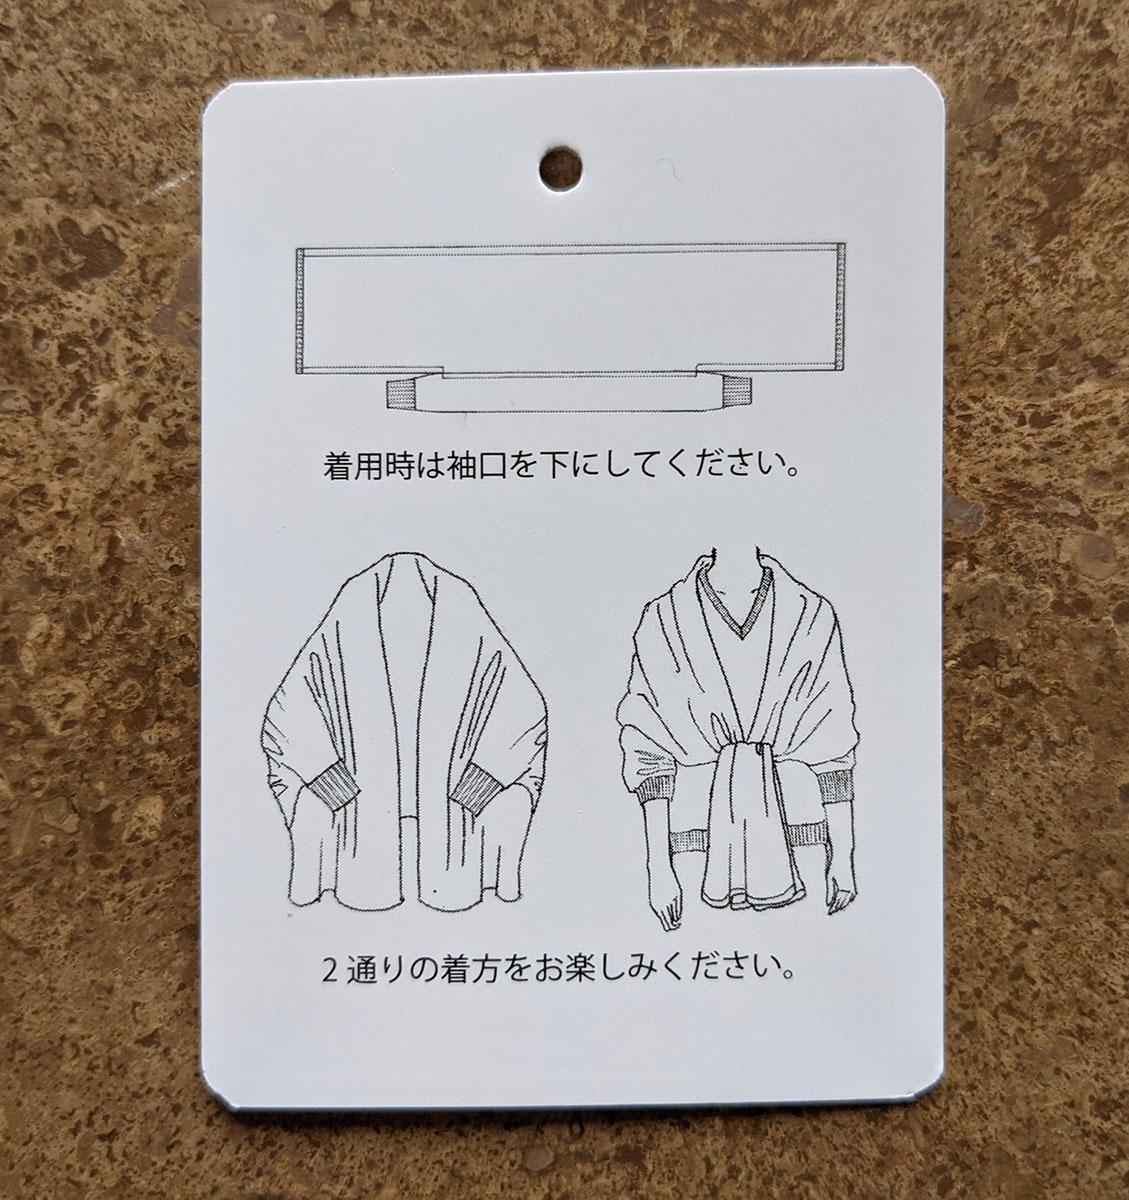 着用方法のタグ